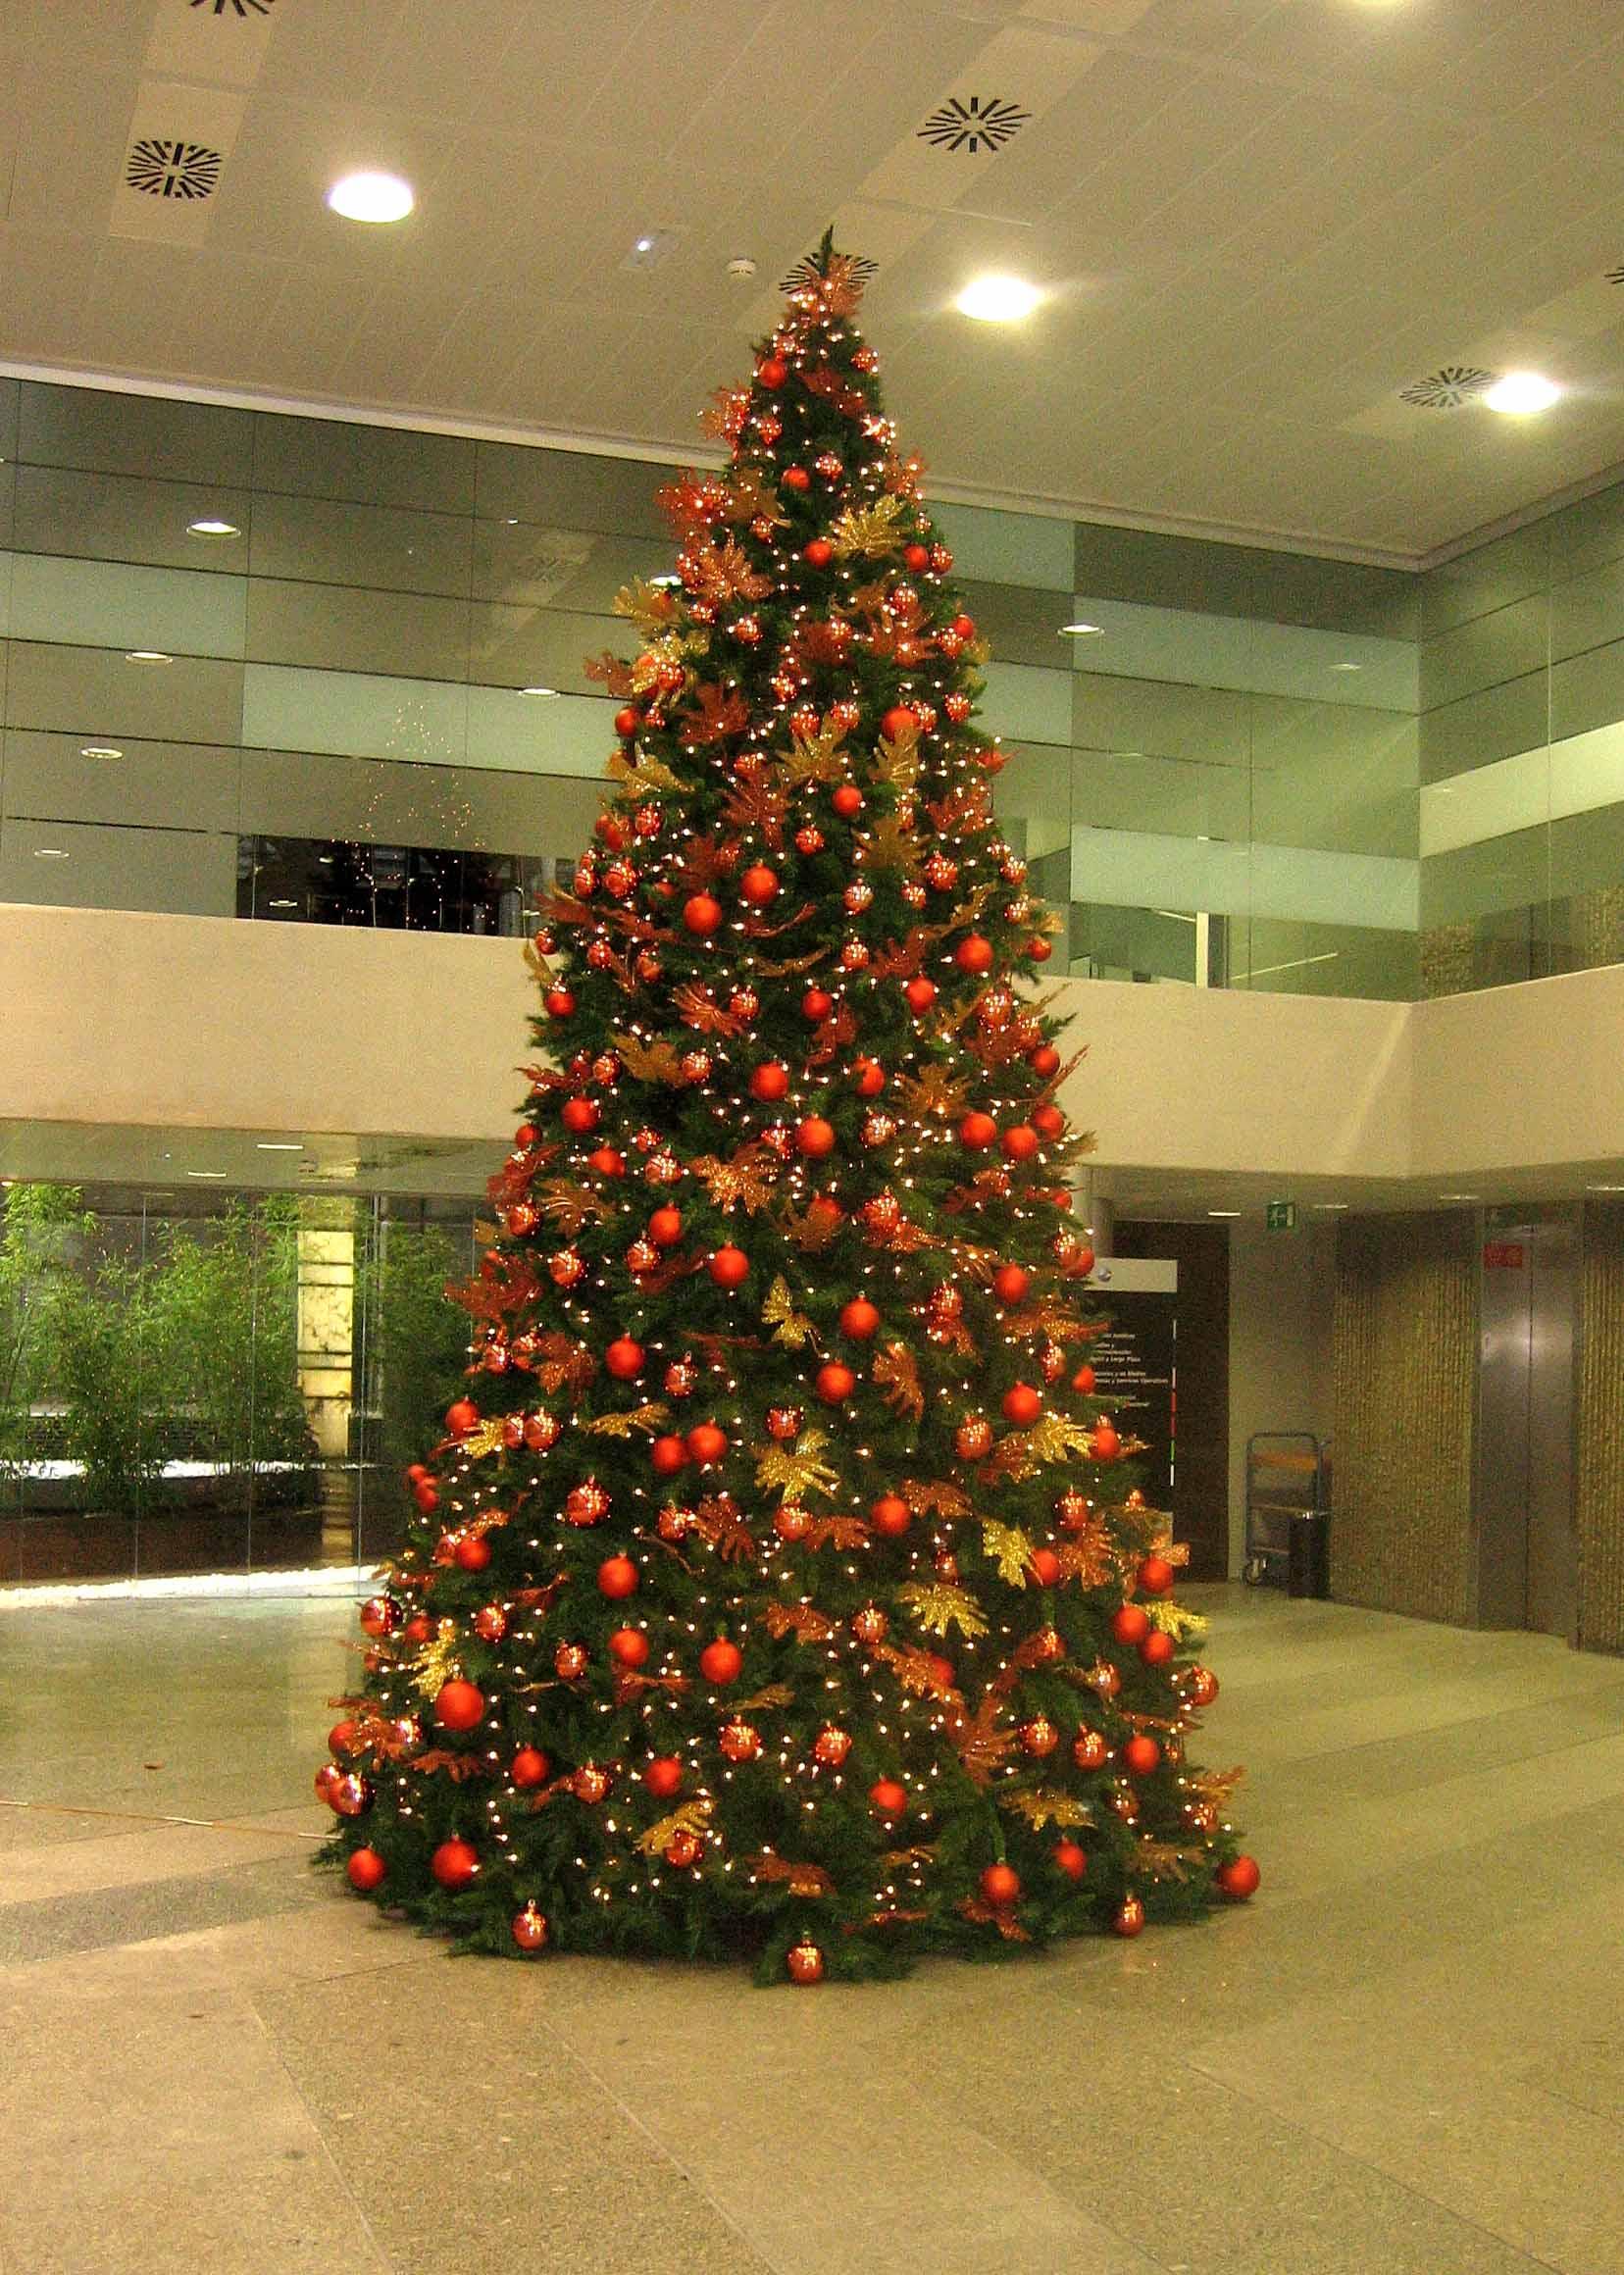 Rboles navidad color naranja b m rboles de navidad - Arboles de navidad colores ...